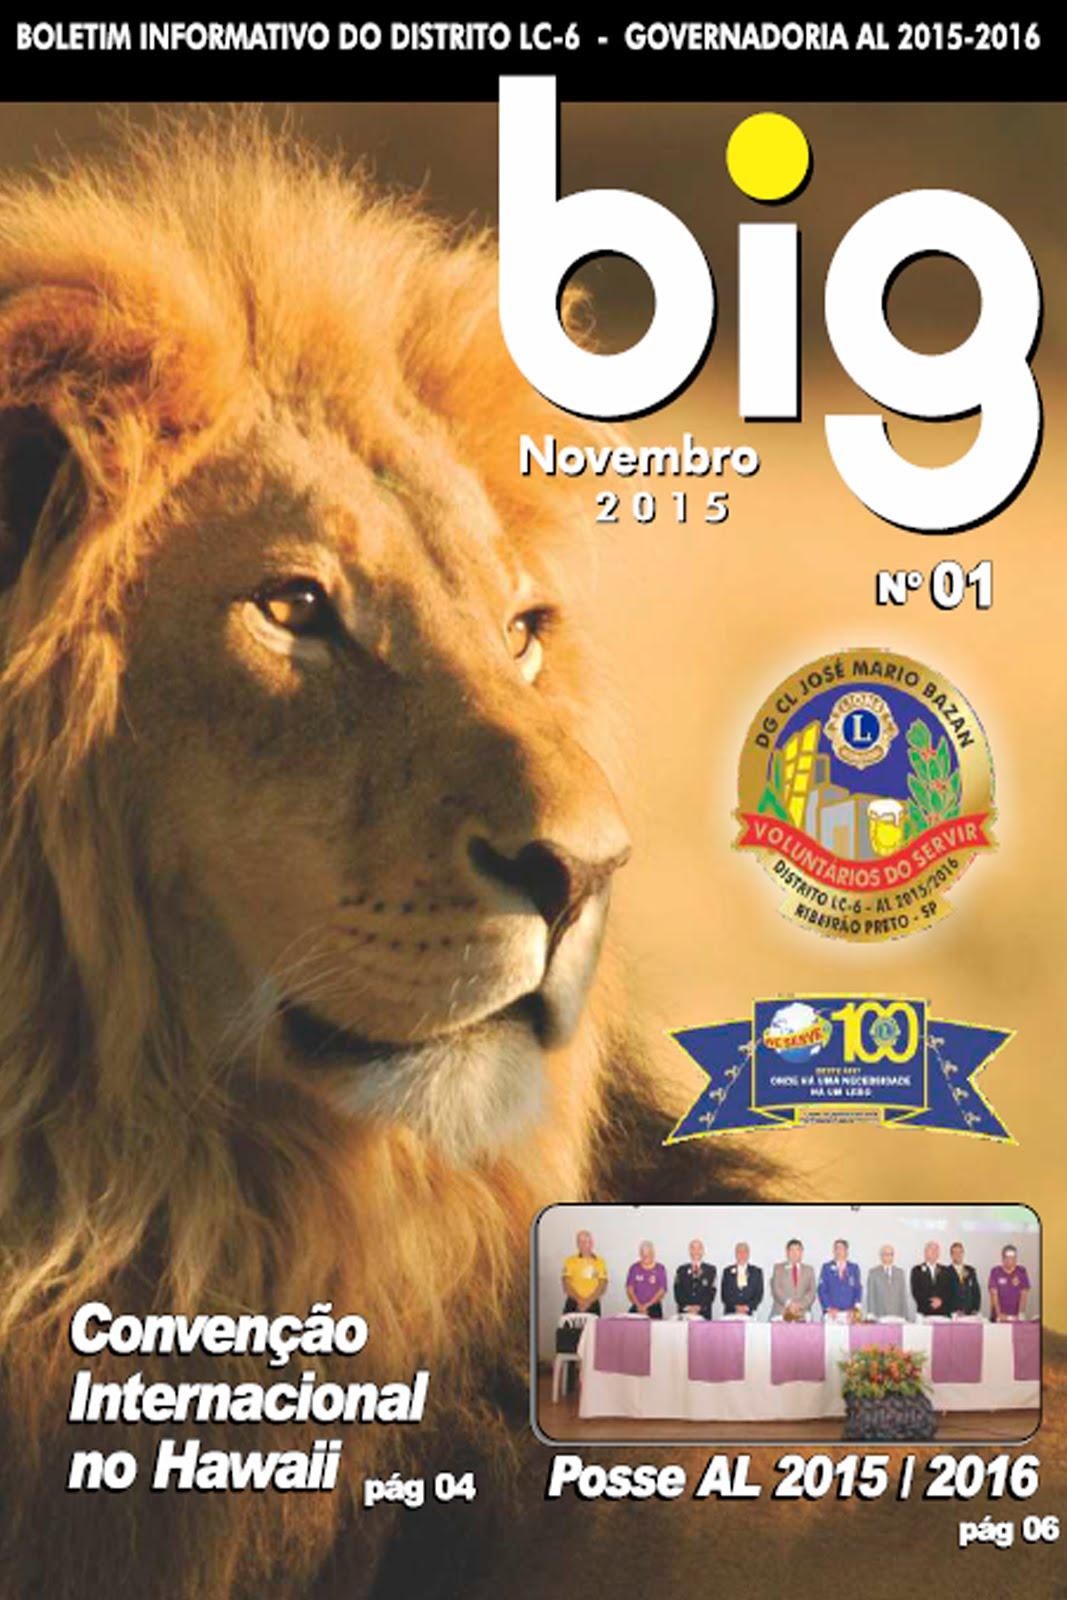 BIG 01 - 2015/2016